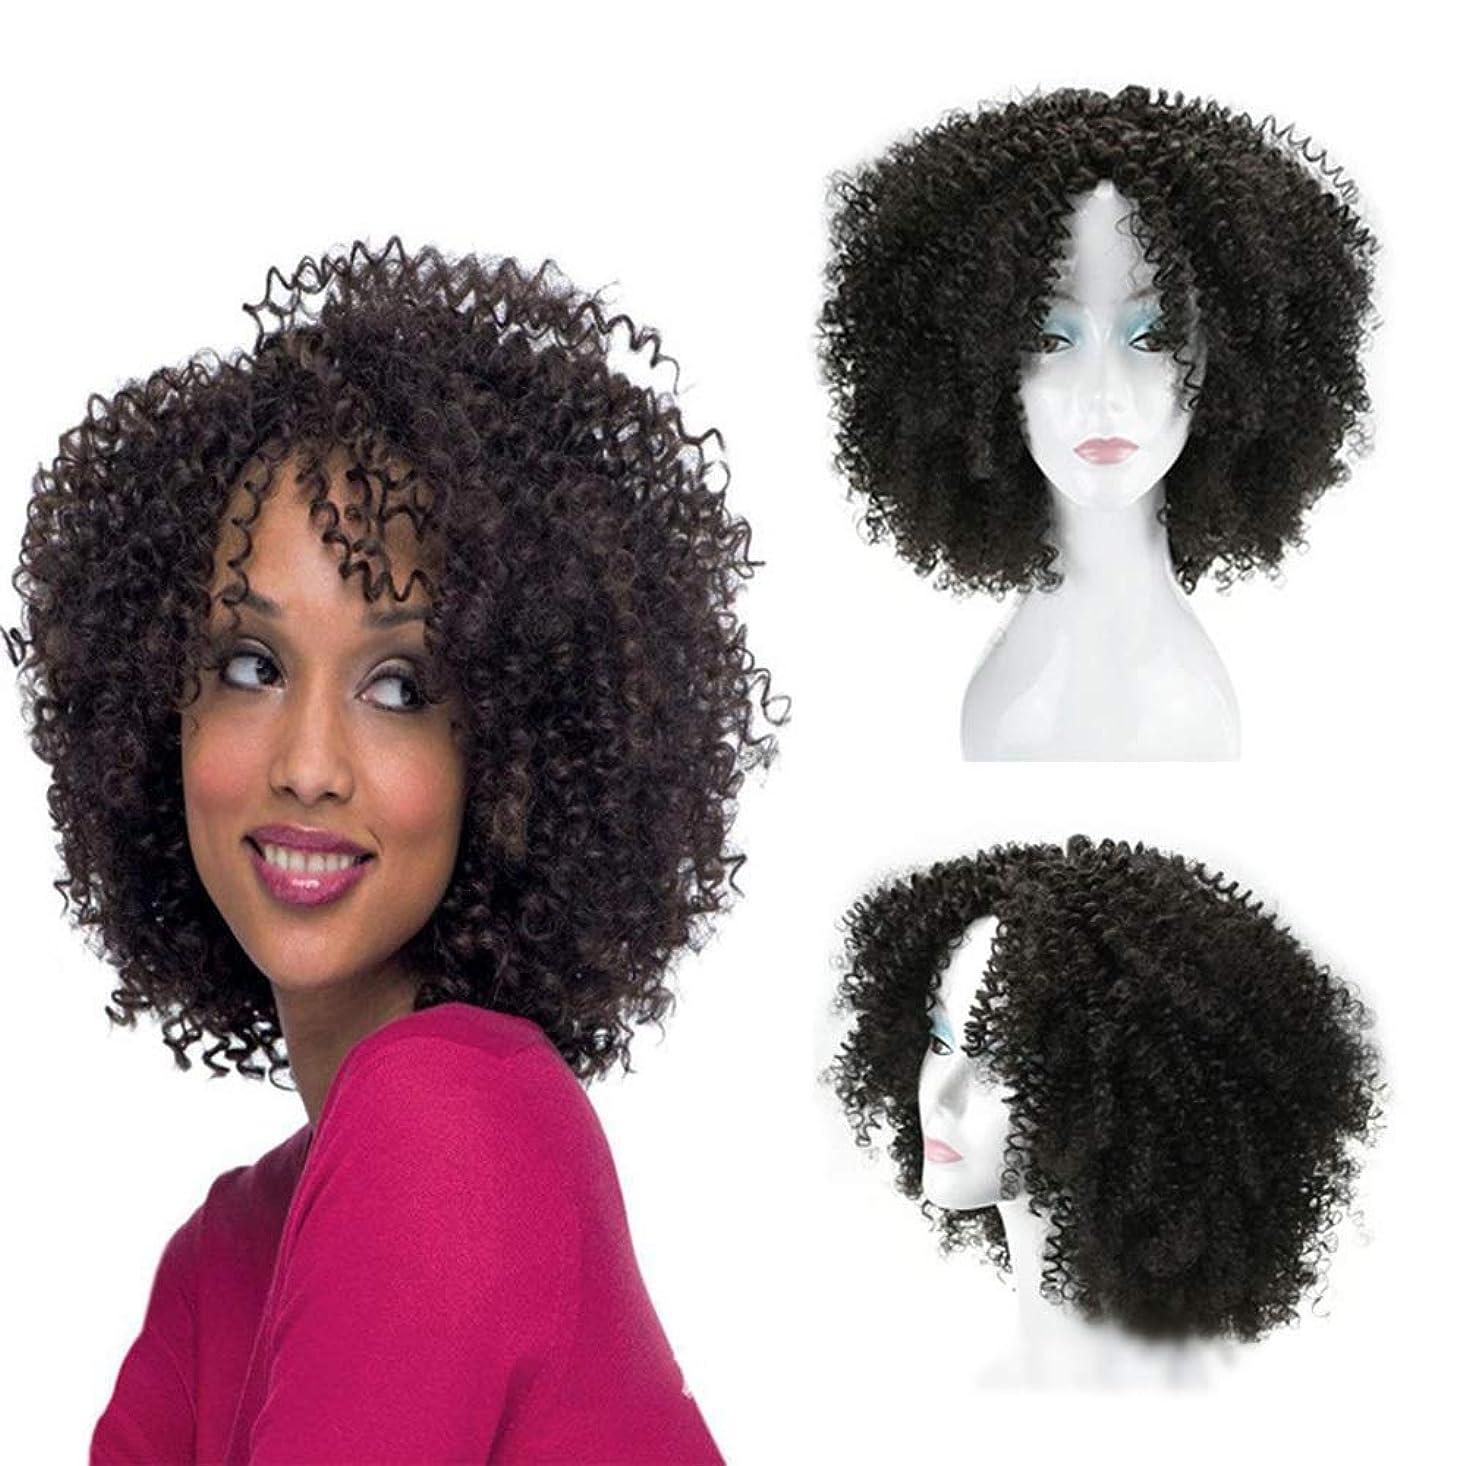 画家滝地震BOBIDYEE 16インチ変態カーリーブラック爆発ヘッド女性のアフリカの小さな巻き毛毎日コスプレパーティードレス小さな巻き毛のかつら (色 : 黒)